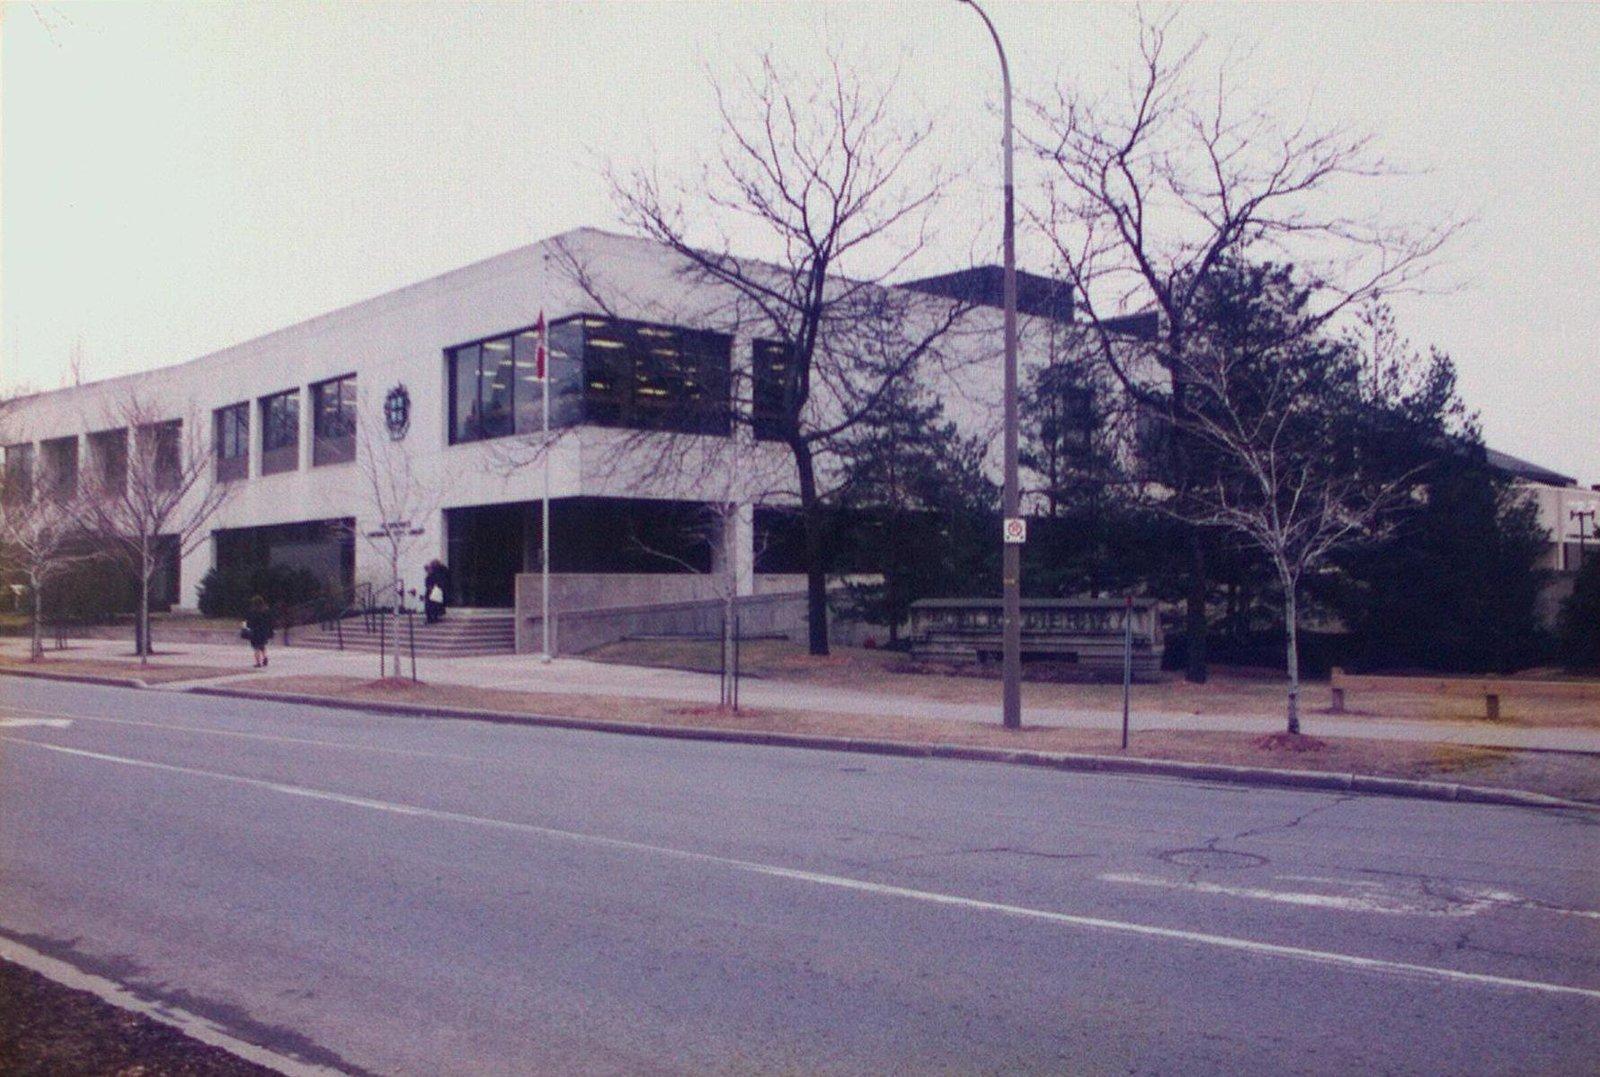 The Public (Centennial) Library